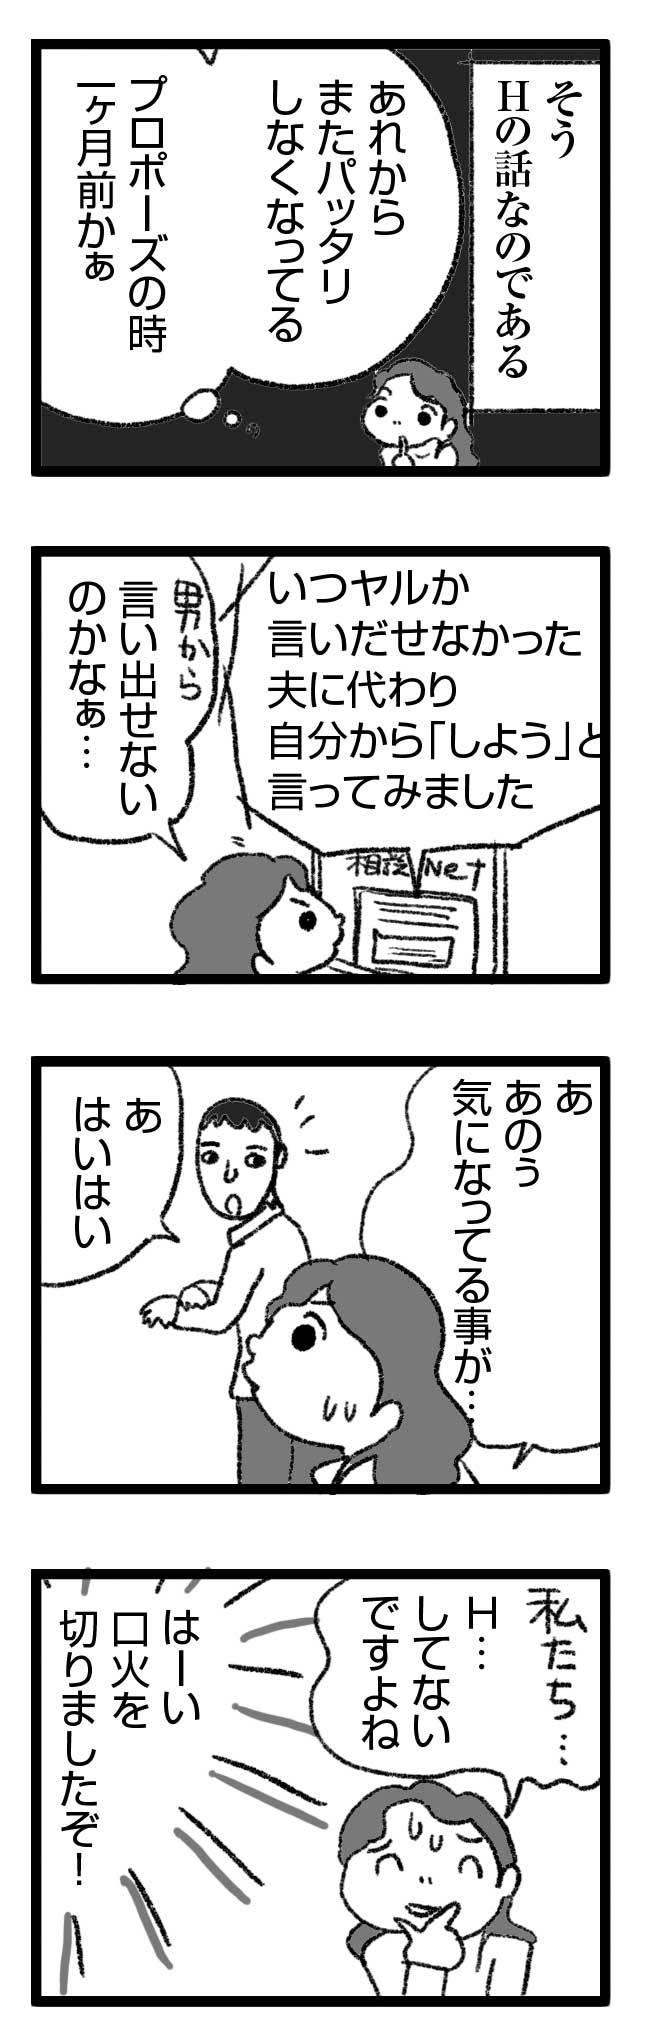 問題解決2 結婚 生活 話し合い 話 漫画 マンガ まんが レス セックスレス プロポーズ